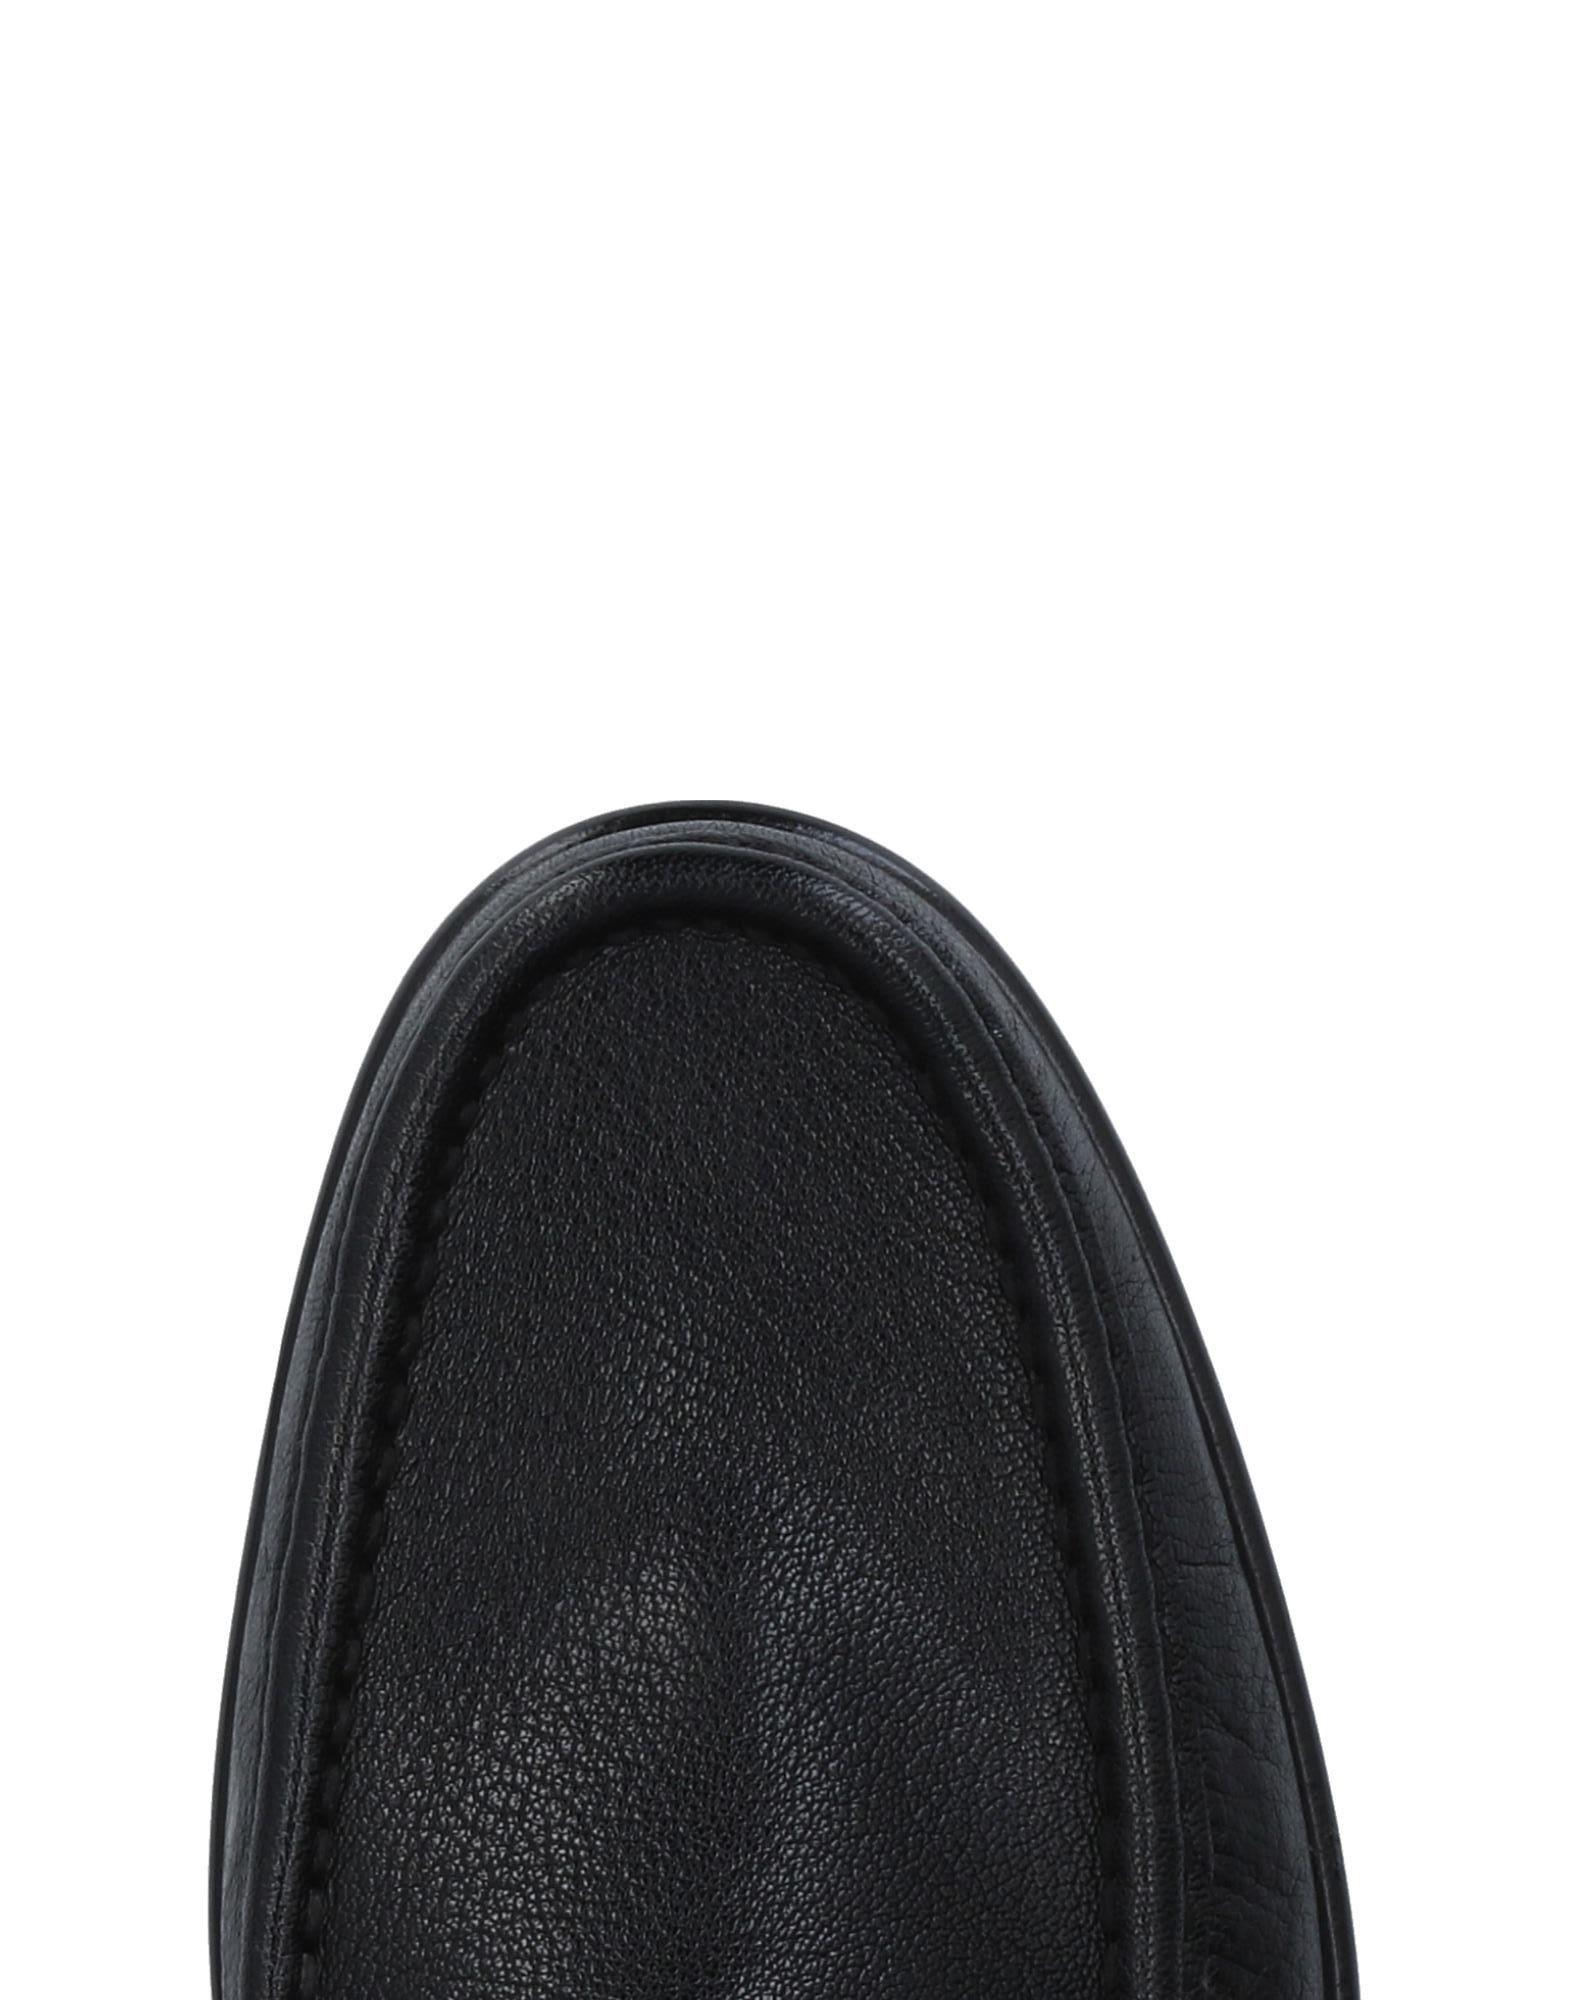 Bally Mokassins Herren  11475121IM 11475121IM  Gute Qualität beliebte Schuhe c1ef32